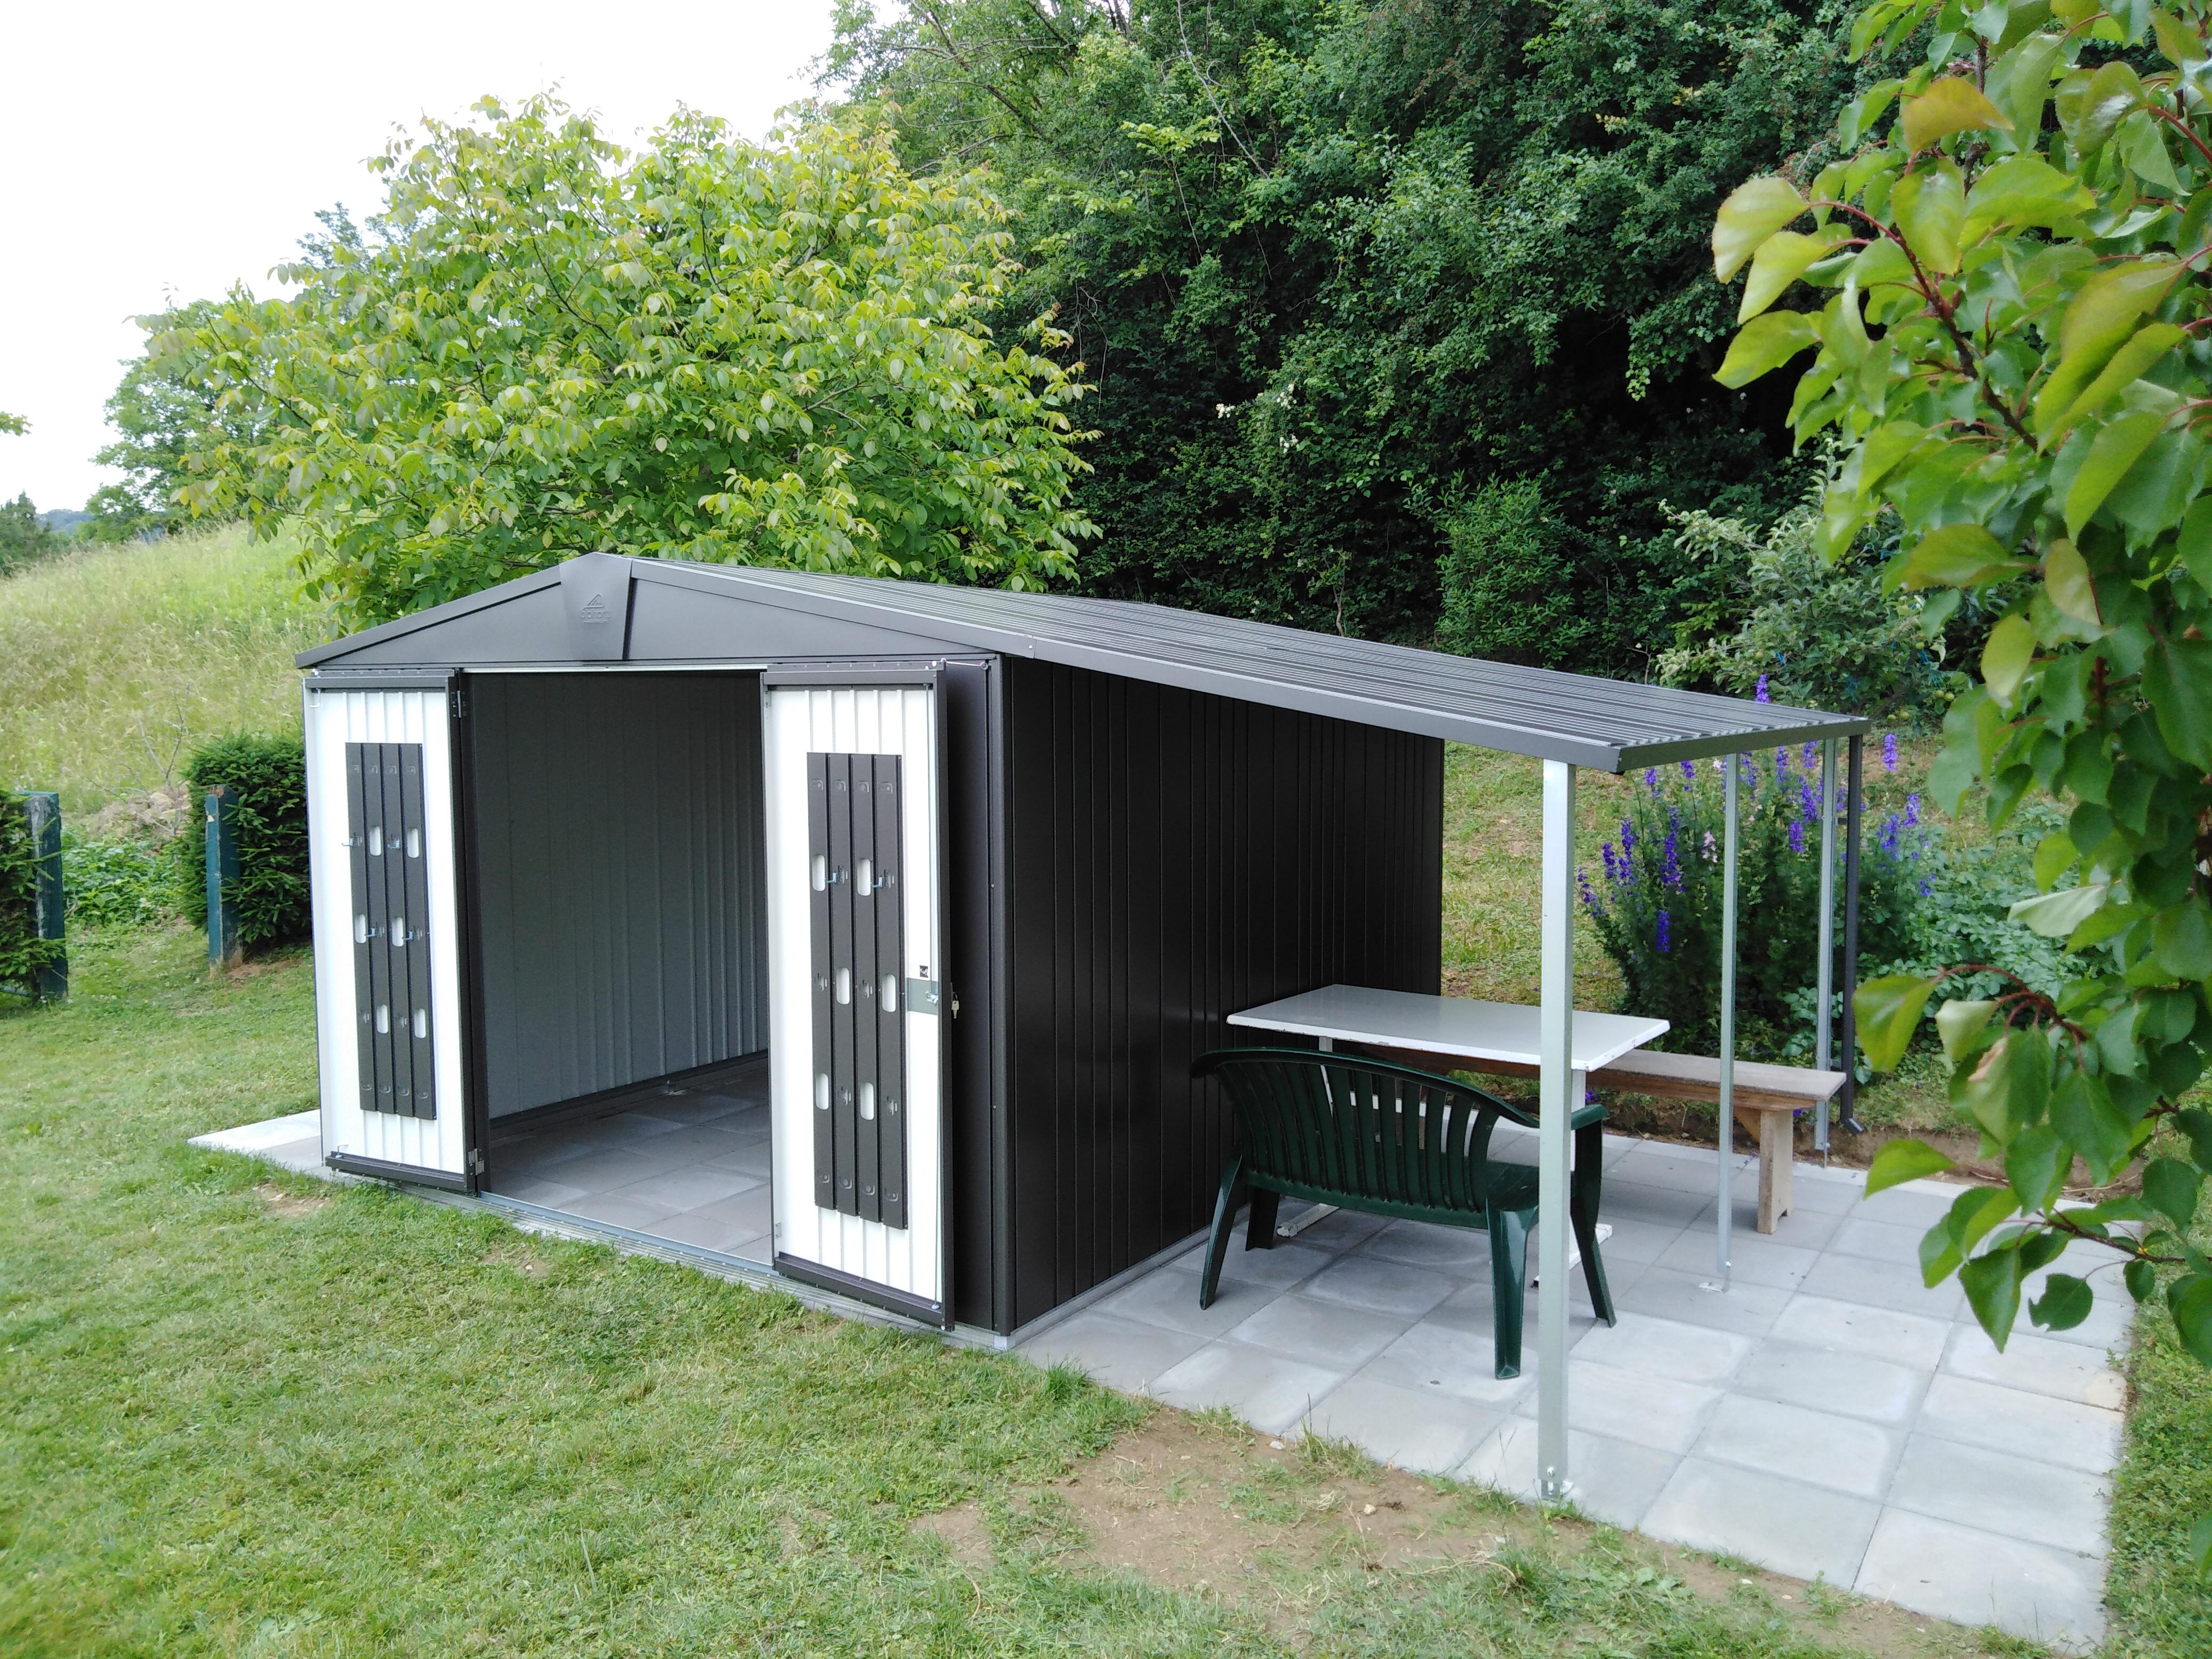 Gerätehaus Europa mit Seitendach